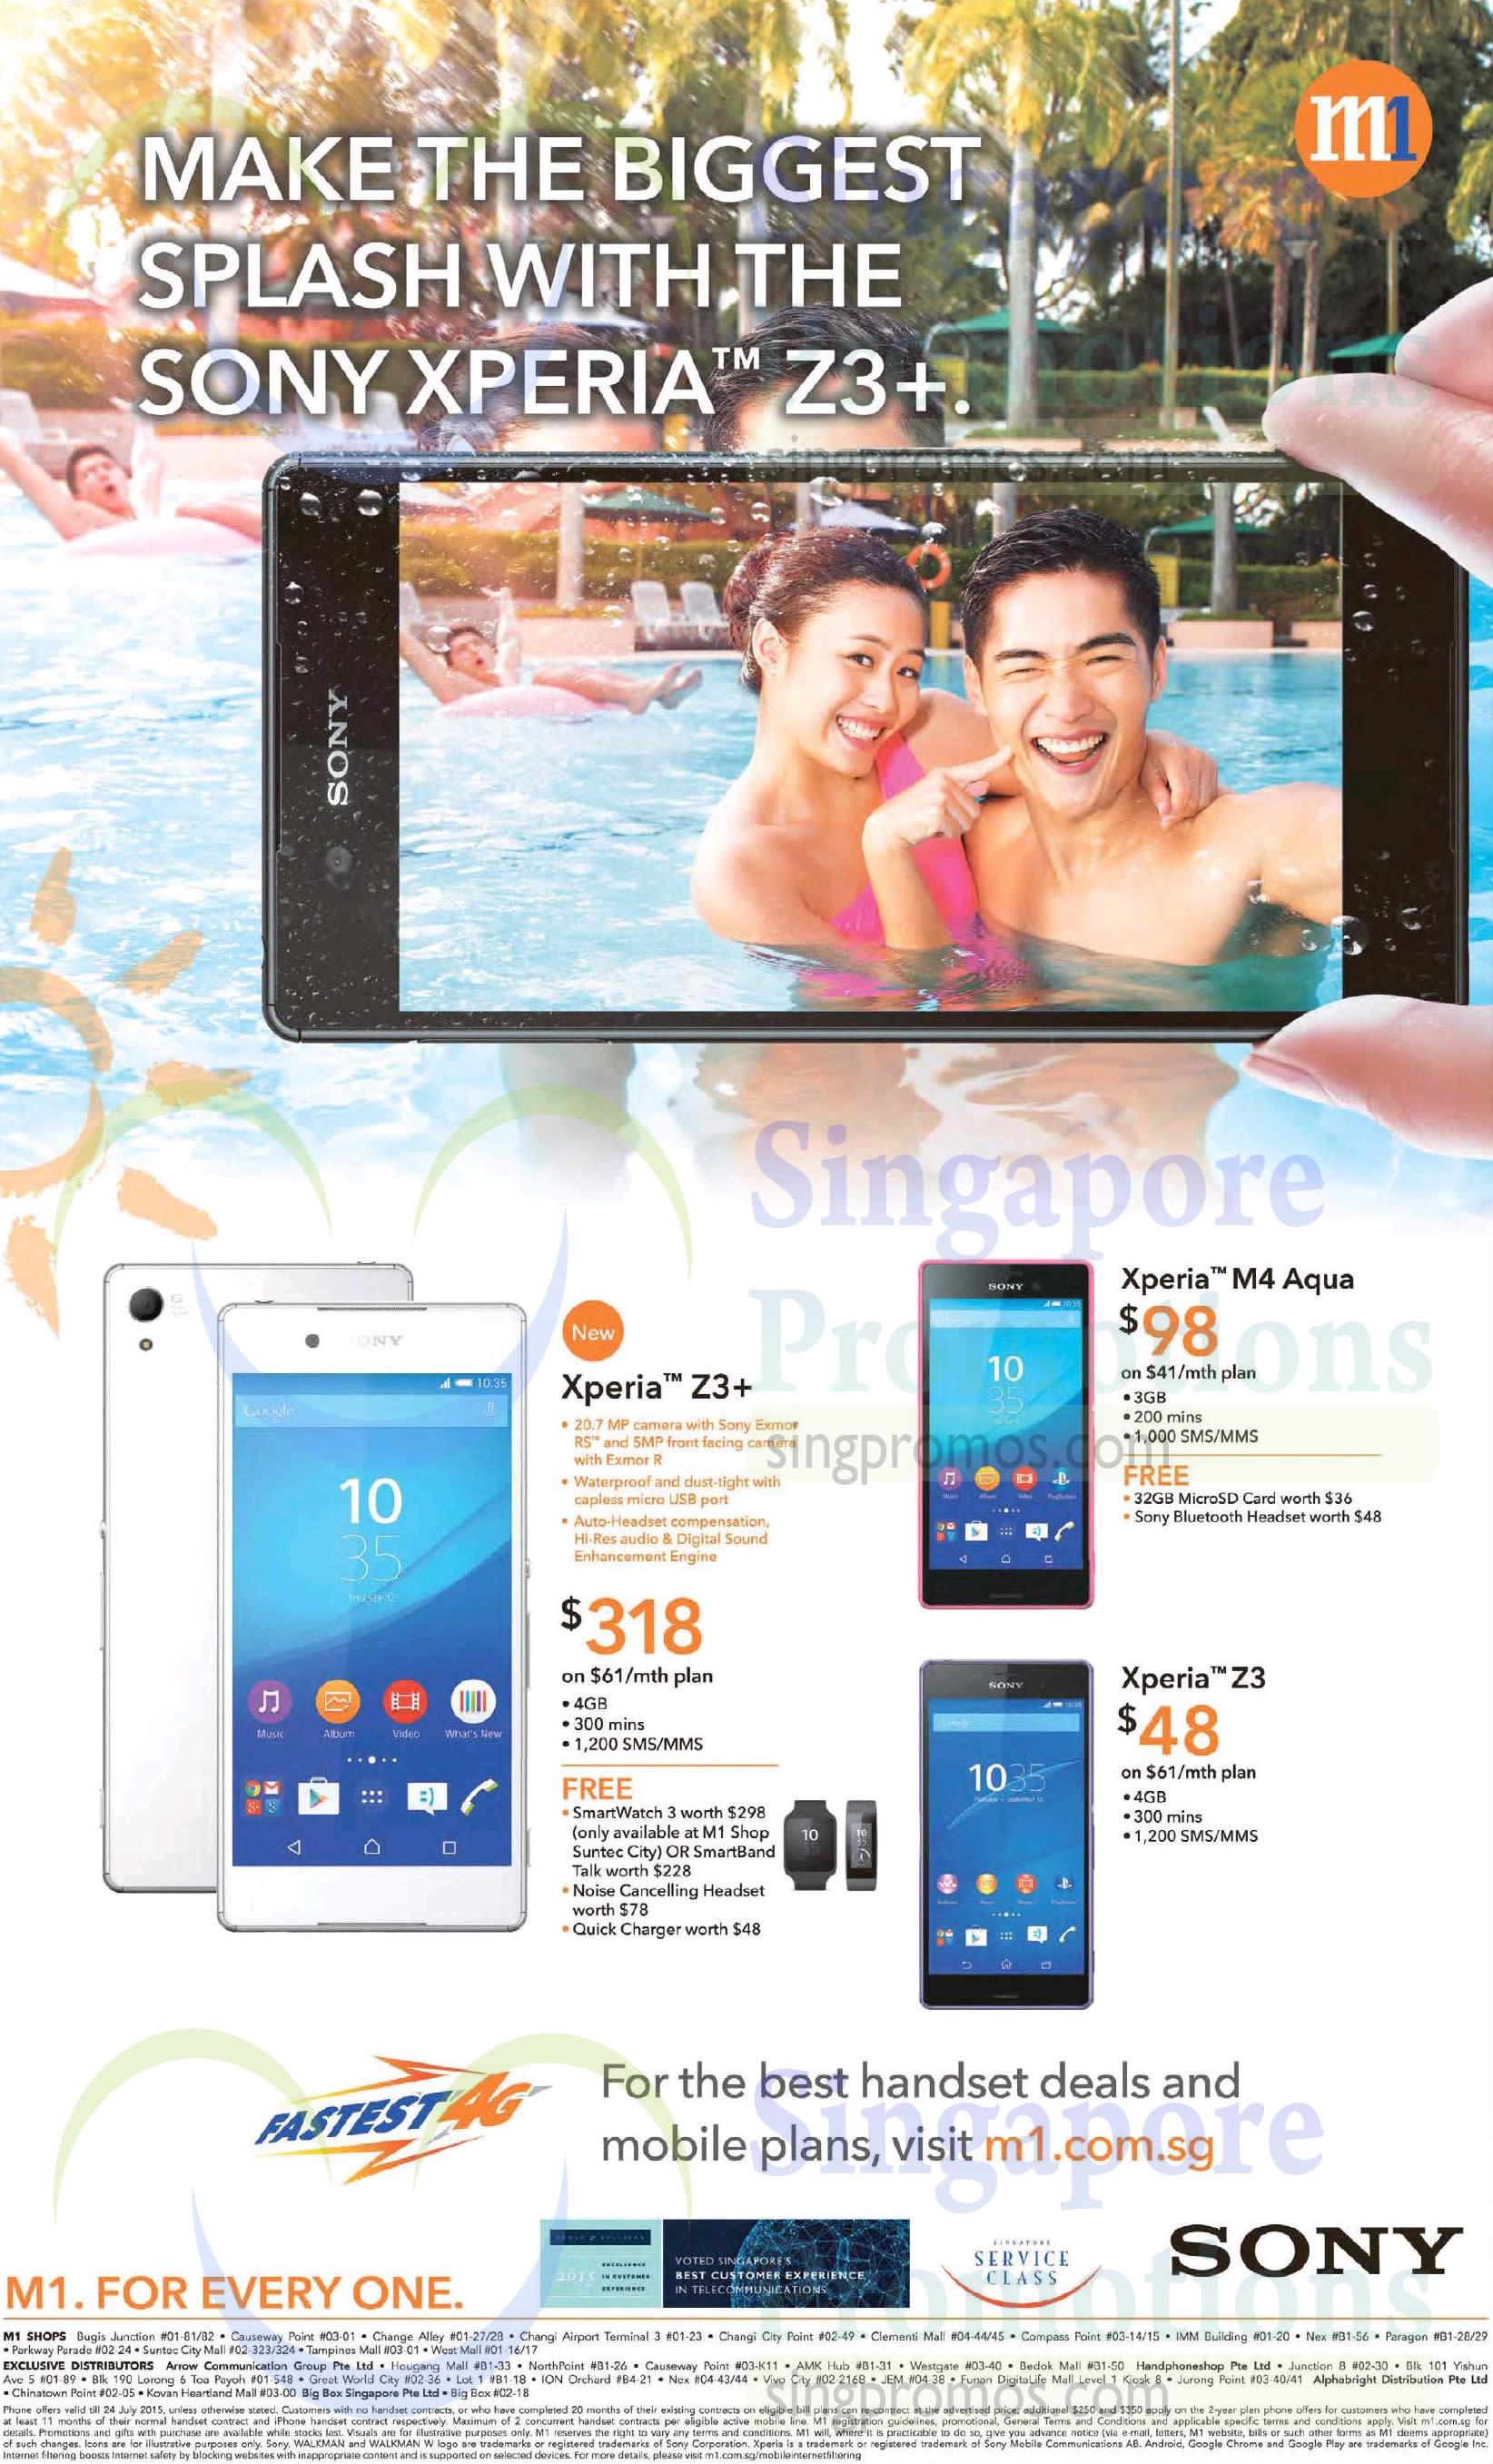 Sony Xperia Z3 Plus, Sony Xperia M4 Aqua, Sony Xperia Z3